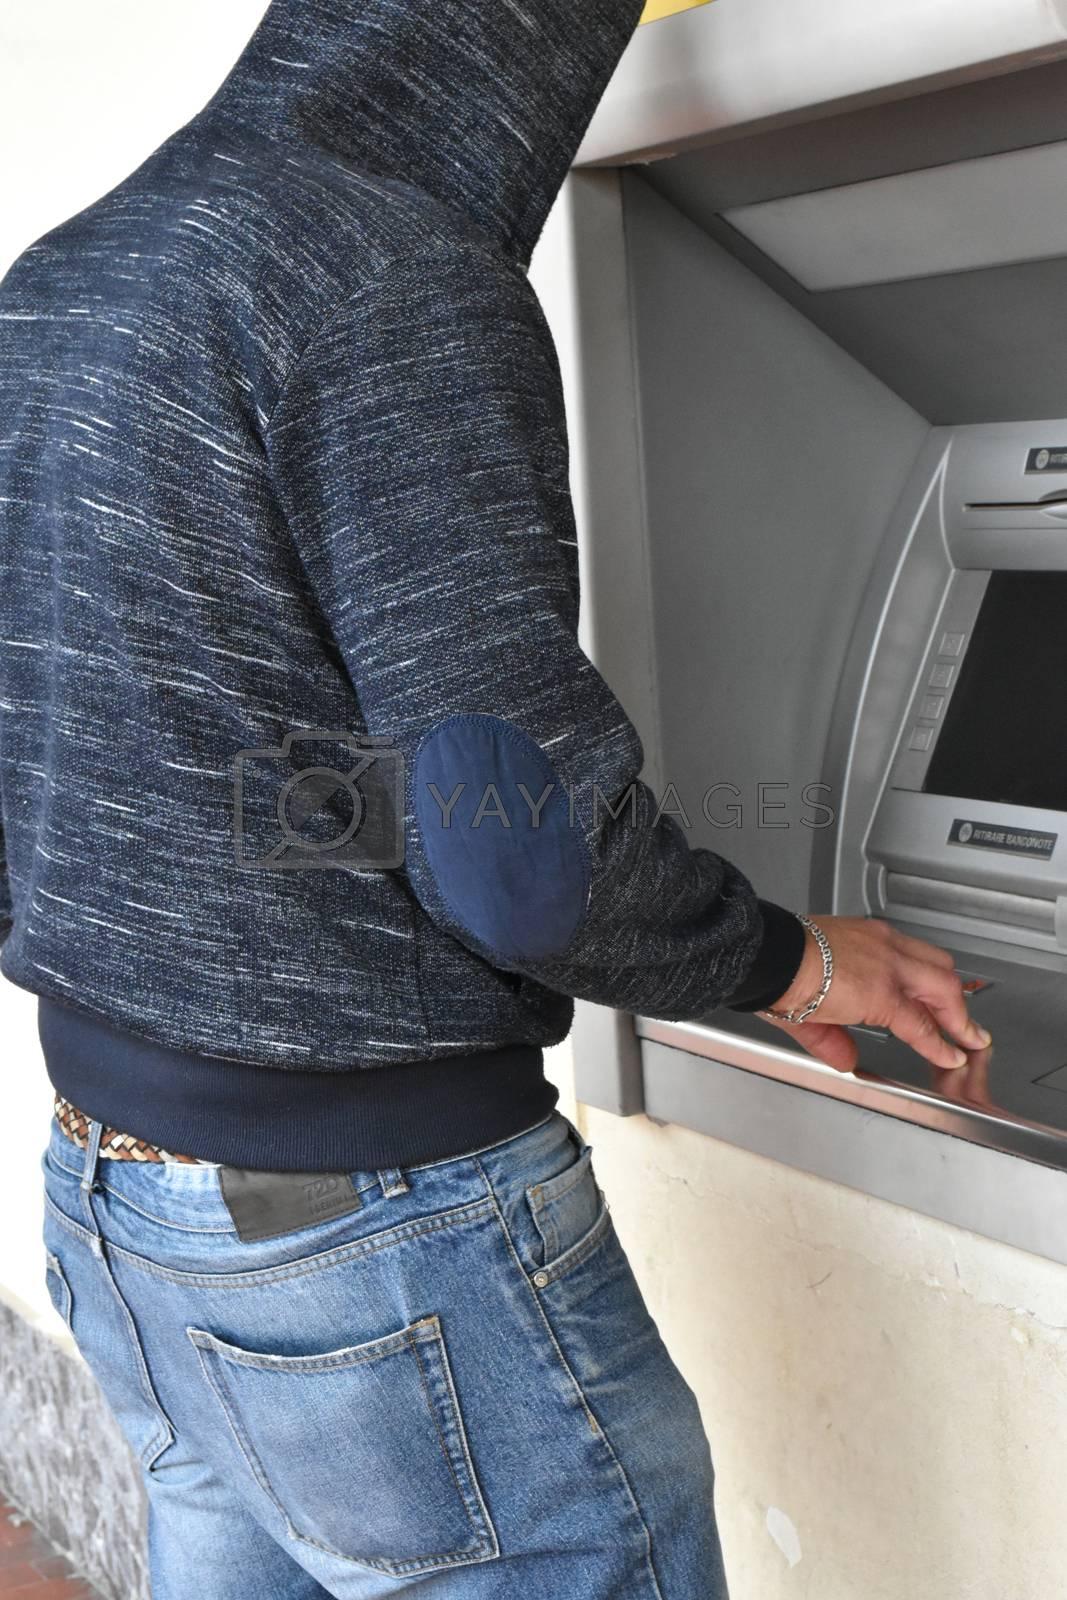 Man while rubbing a cash machine atm